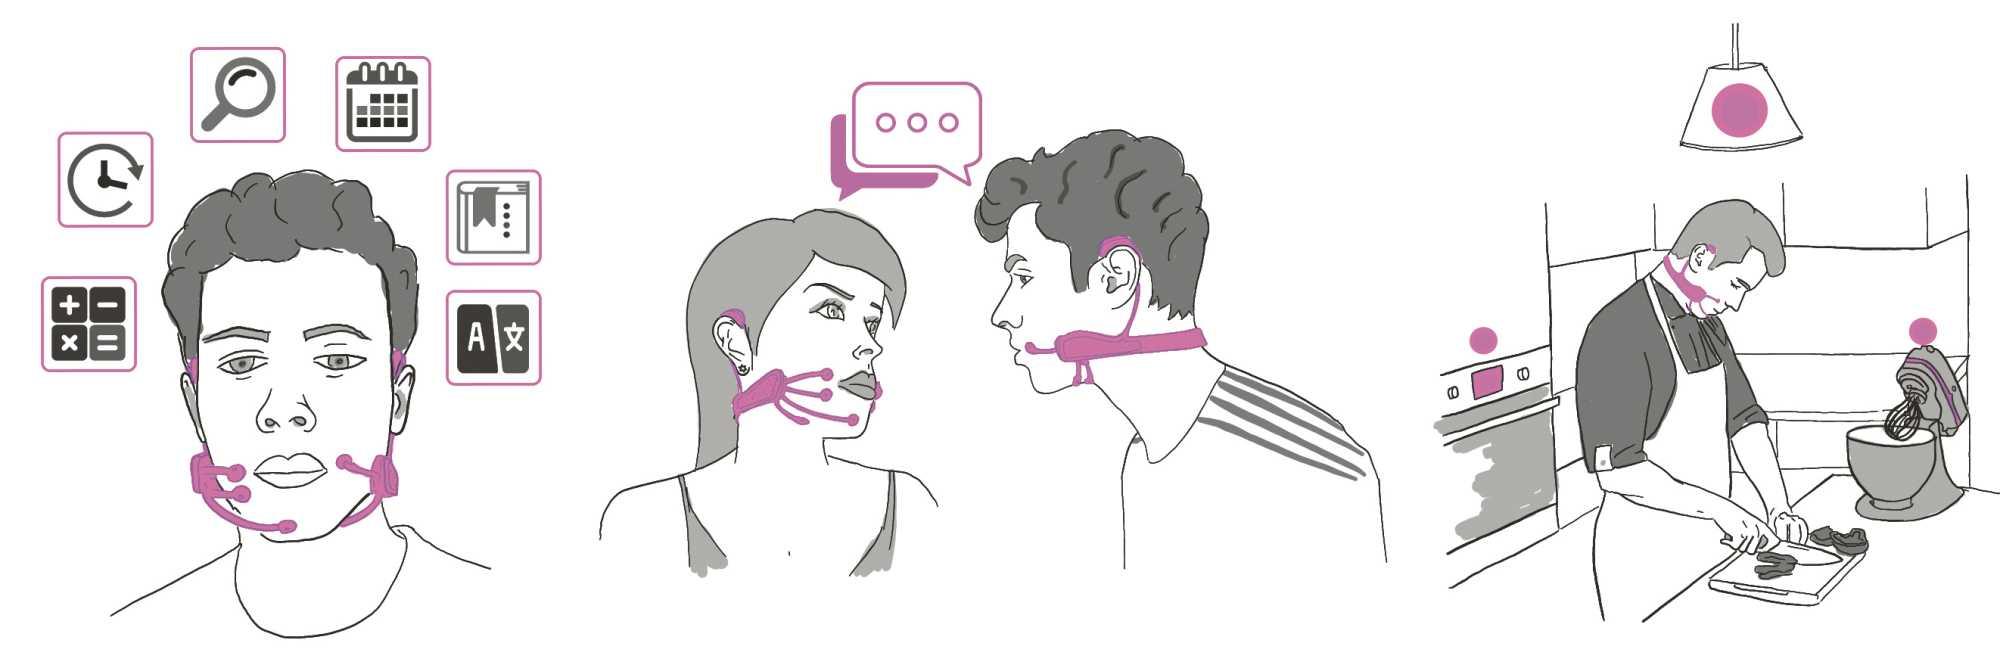 Im Stillen starten AlterEgo-Anwender Online-Abfragen oder sie stimmen sich diskret untereinander ab.